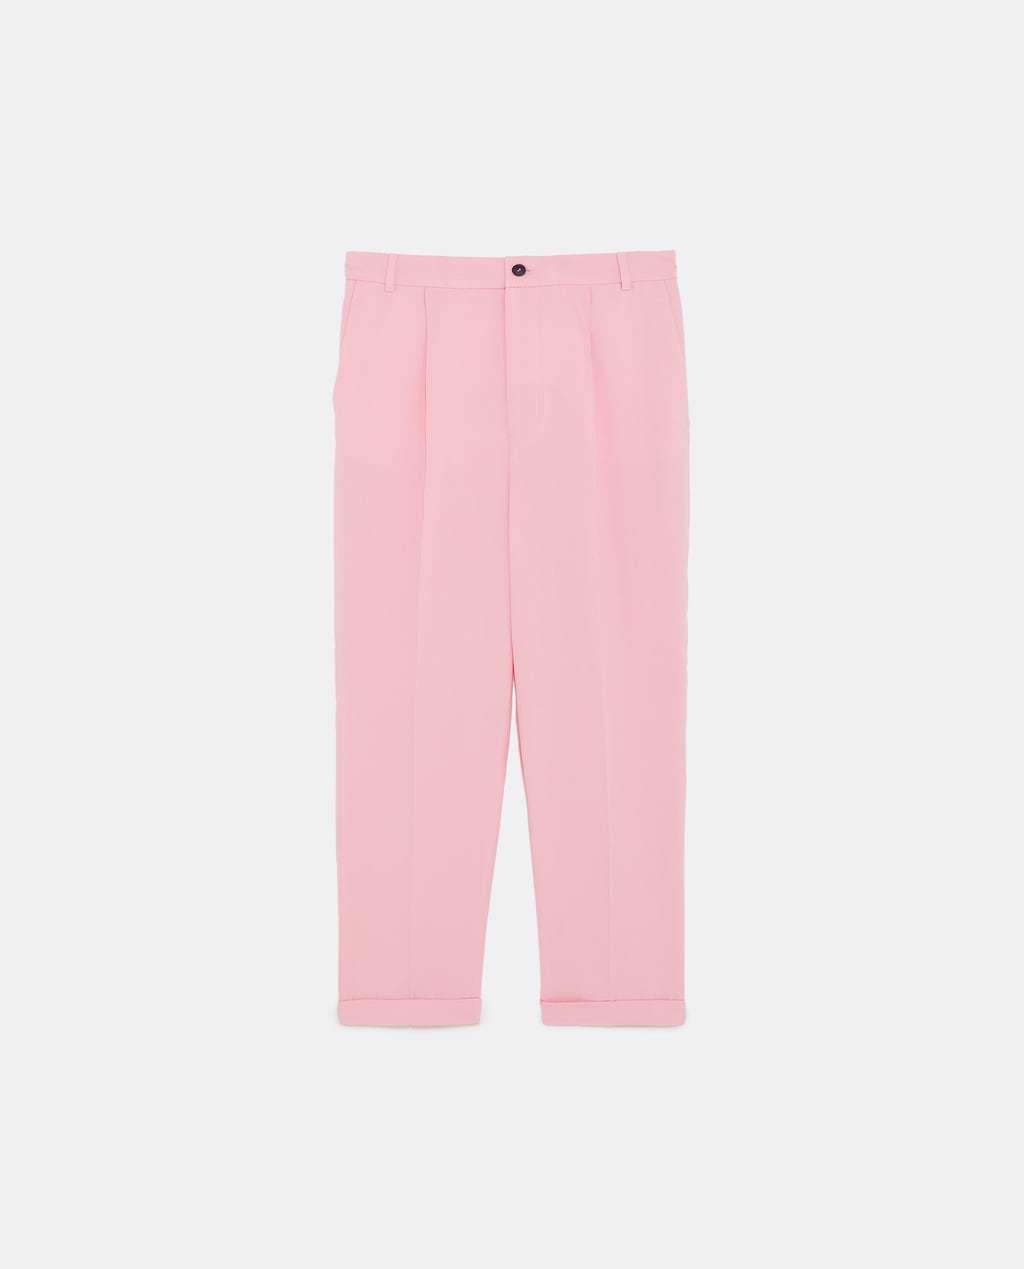 Pantalón con cintura elástica a conjunto con la blazer, de Zara.